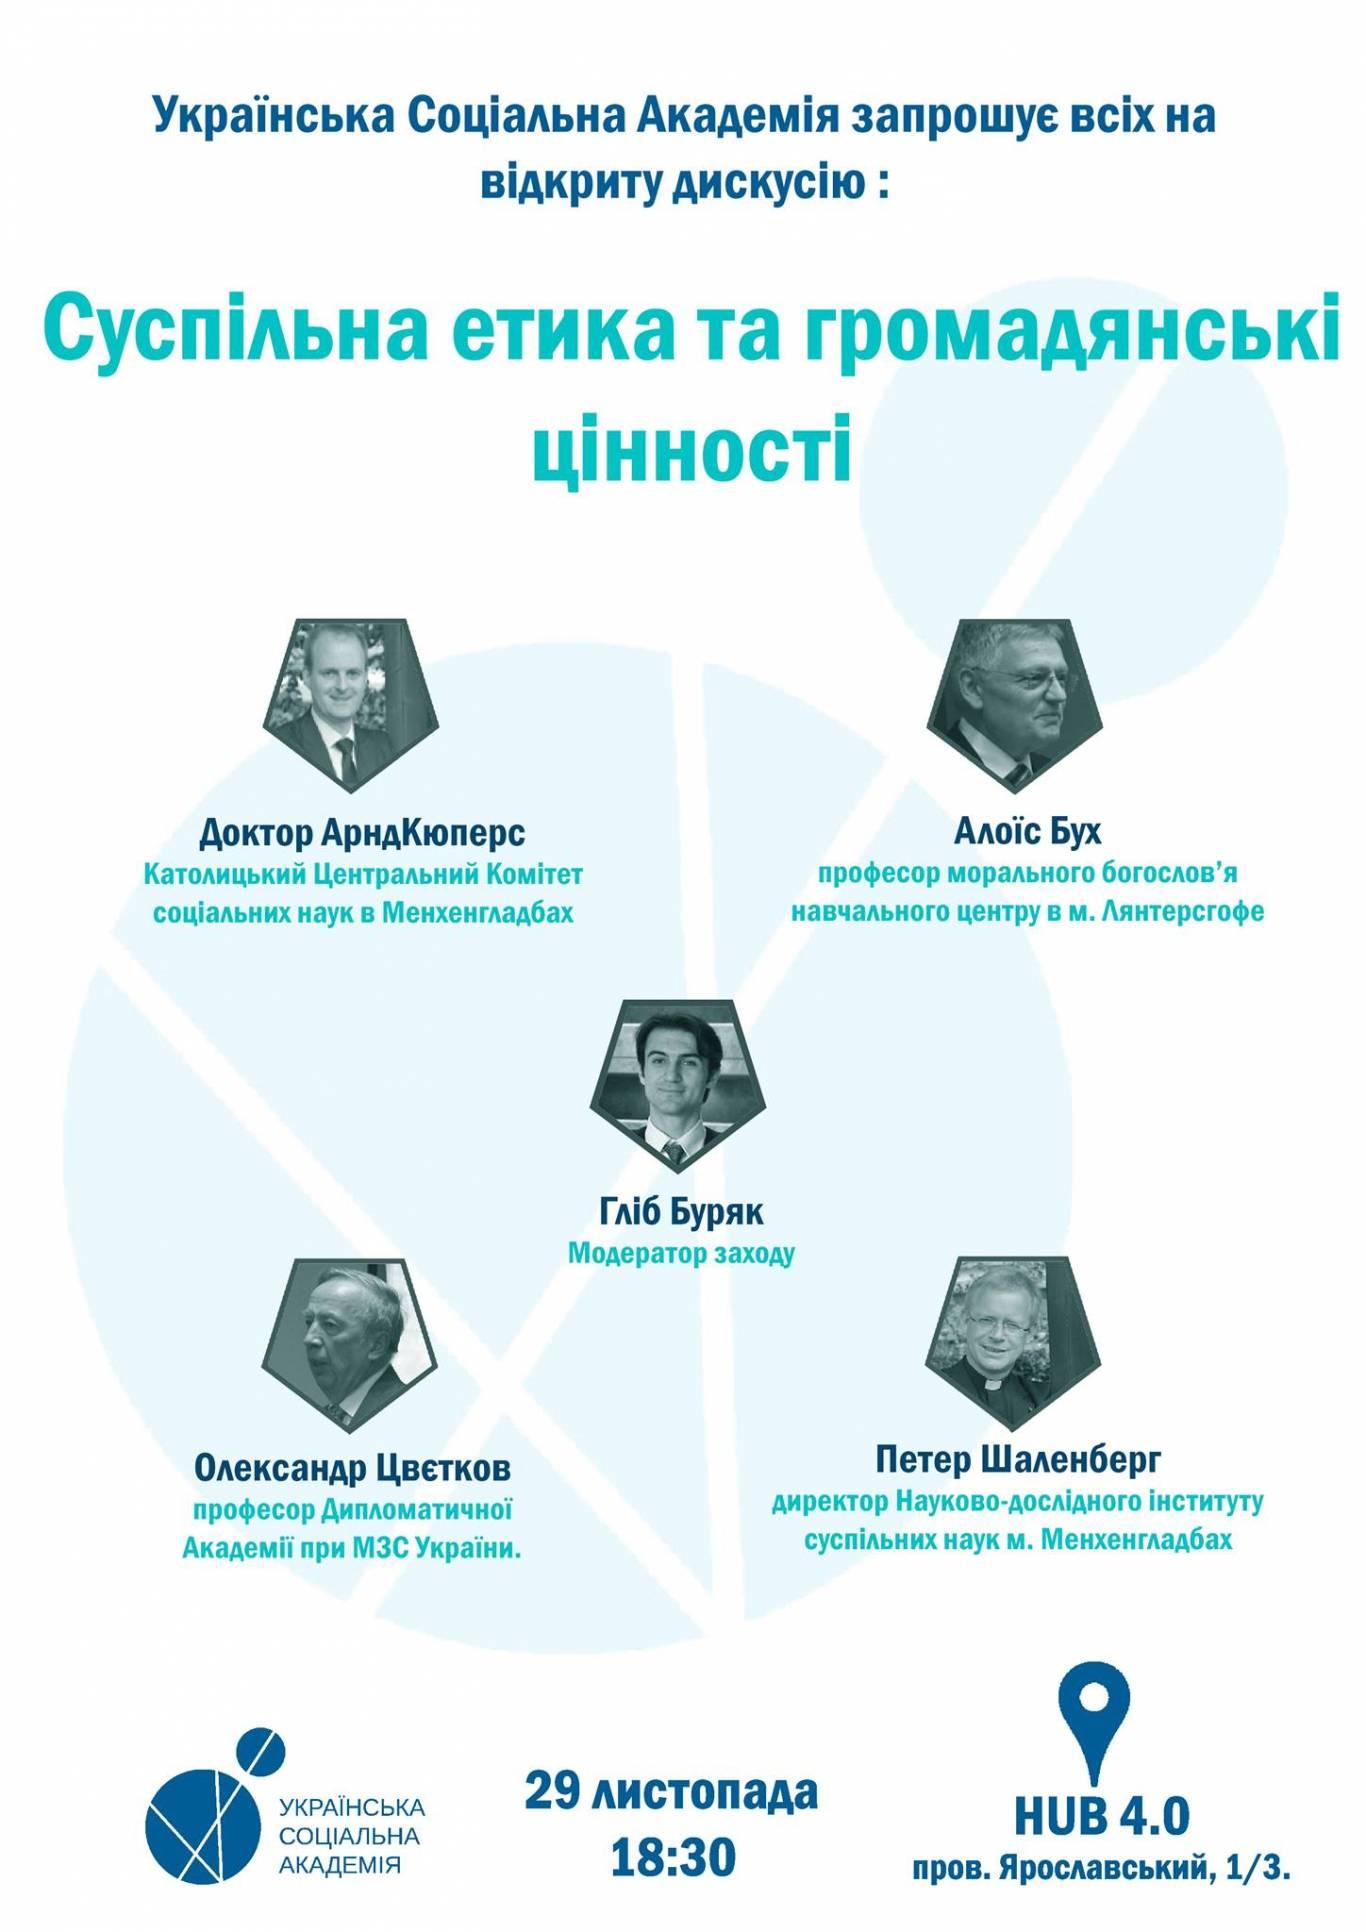 Зустріч-дискусія «Суспільна етика та громадянські цінності»